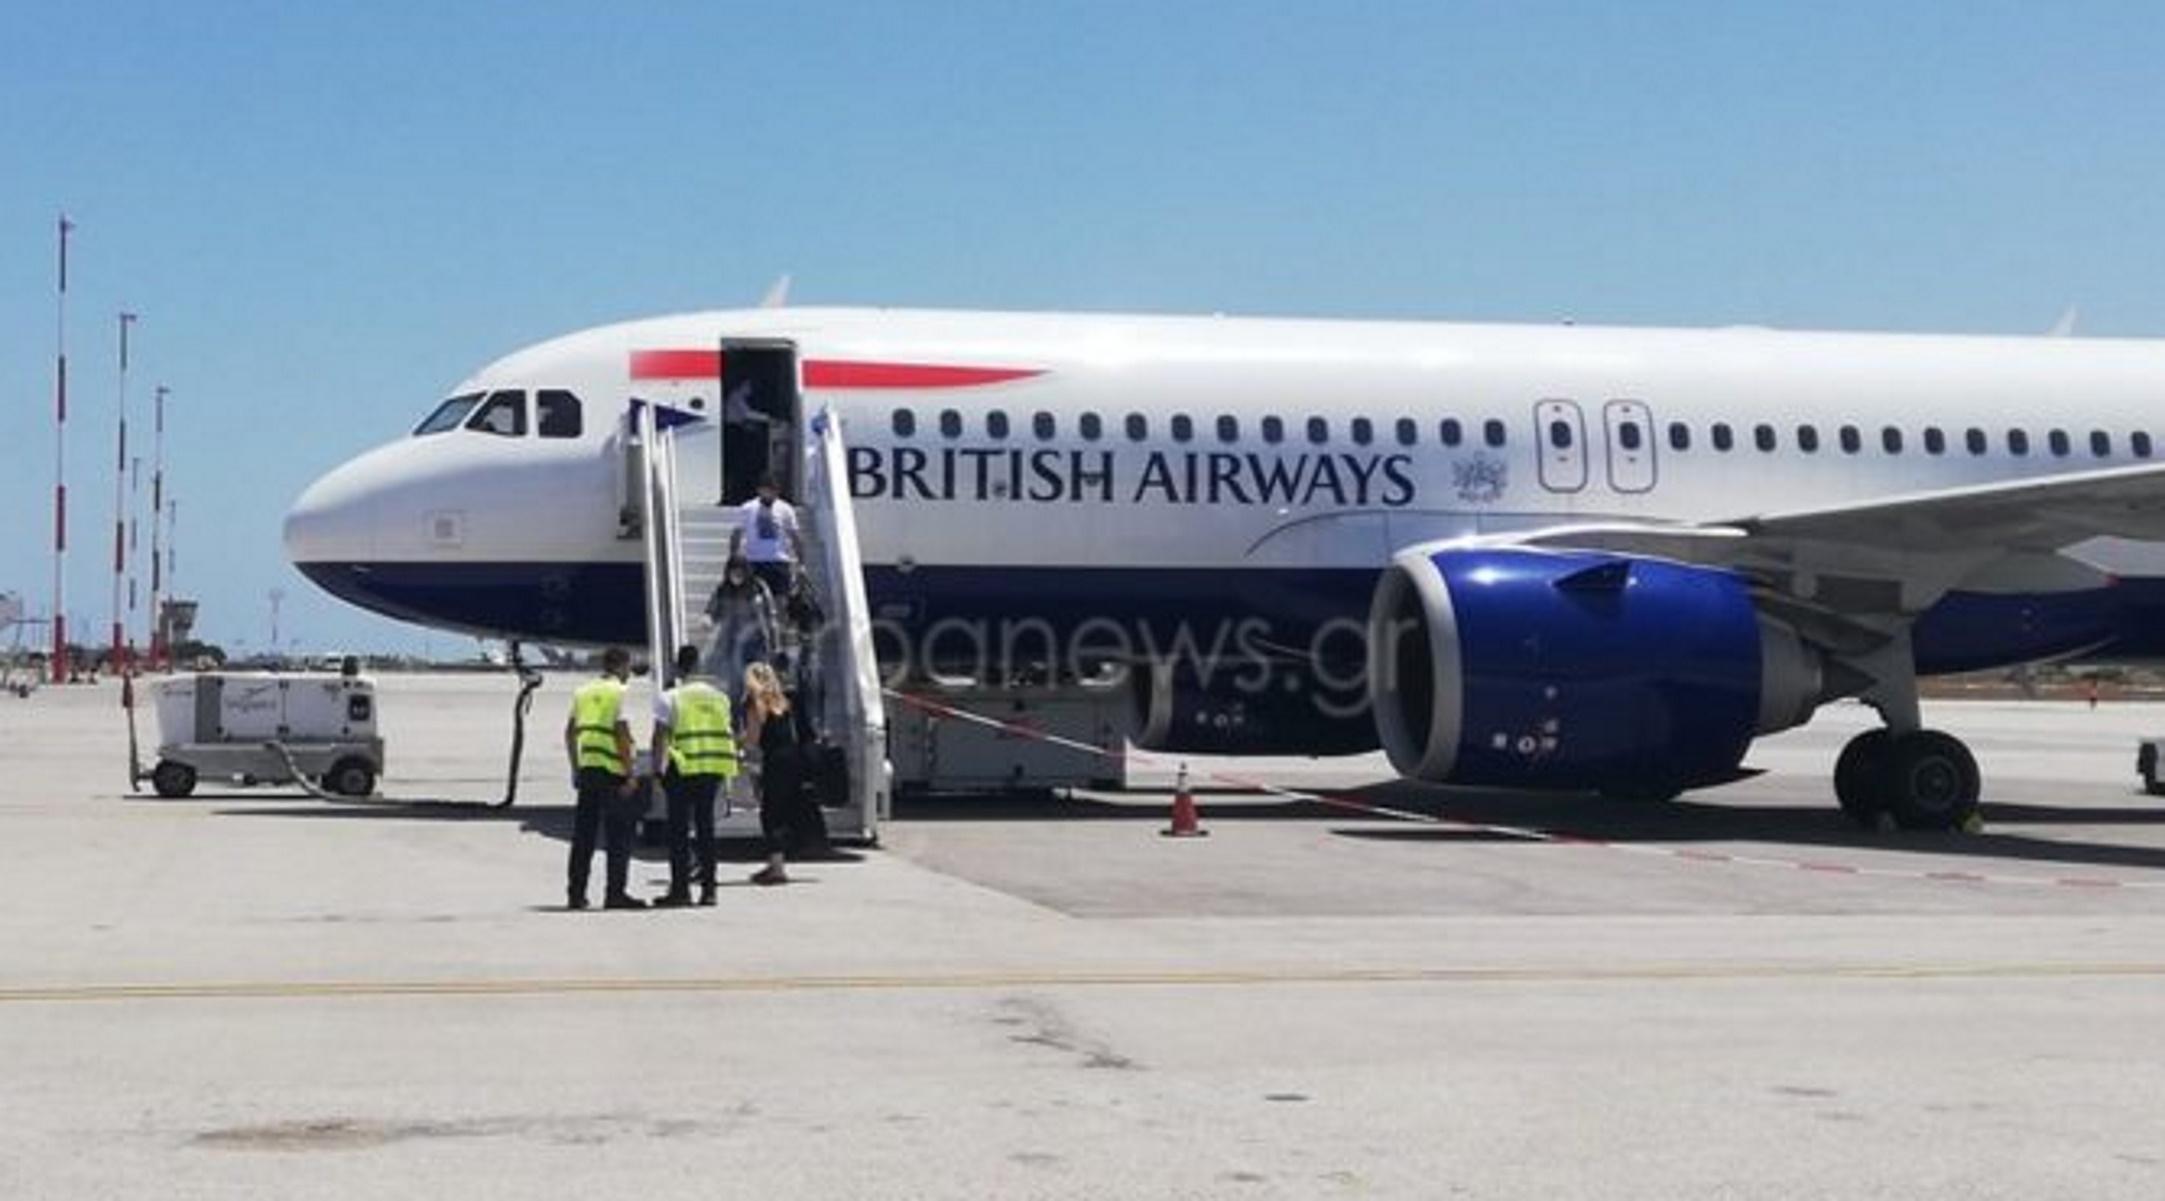 Χανιά: Έφτασαν οι πρώτοι Βρετανοί τουρίστες με πτήση της British Airways (pic)